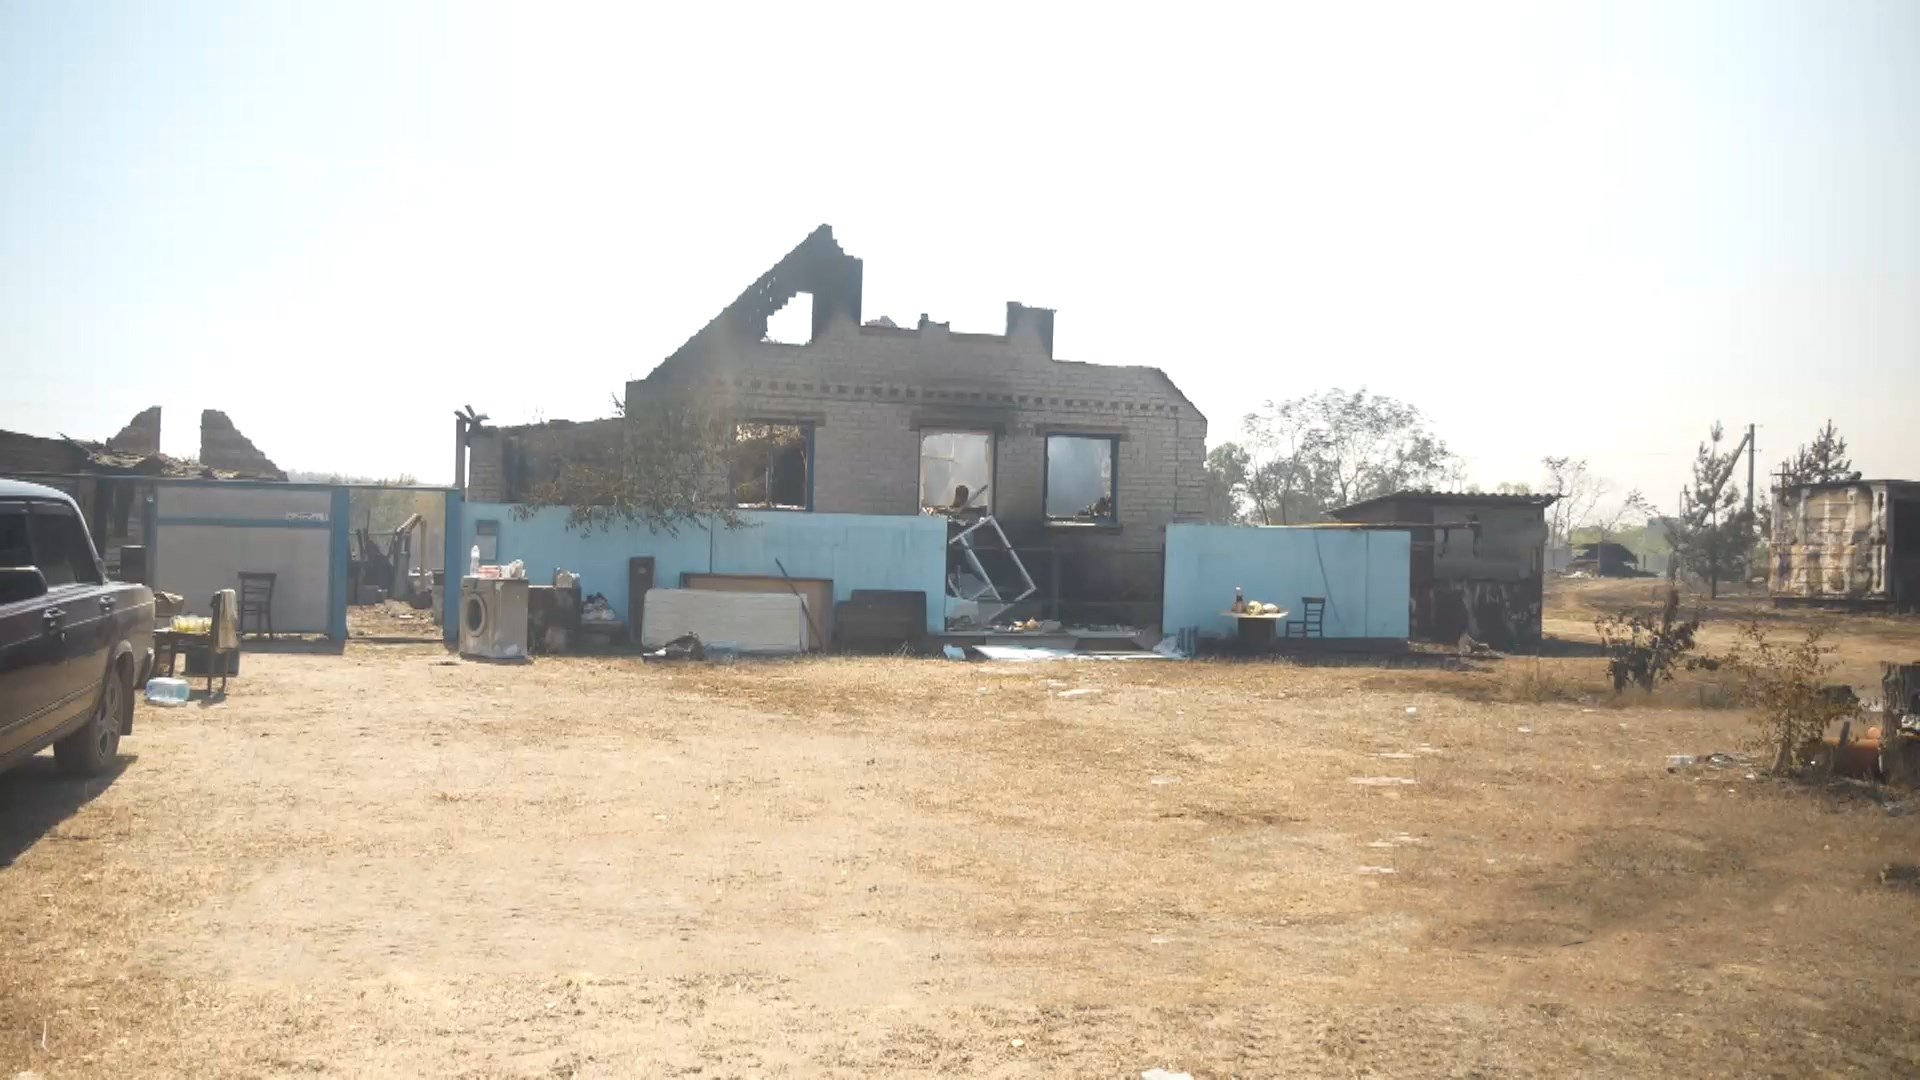 Дотла сгорели 22 дома: местные жители показали жуткие последствия пожара на Харьковщине - Новости Харькова - 24 Канал